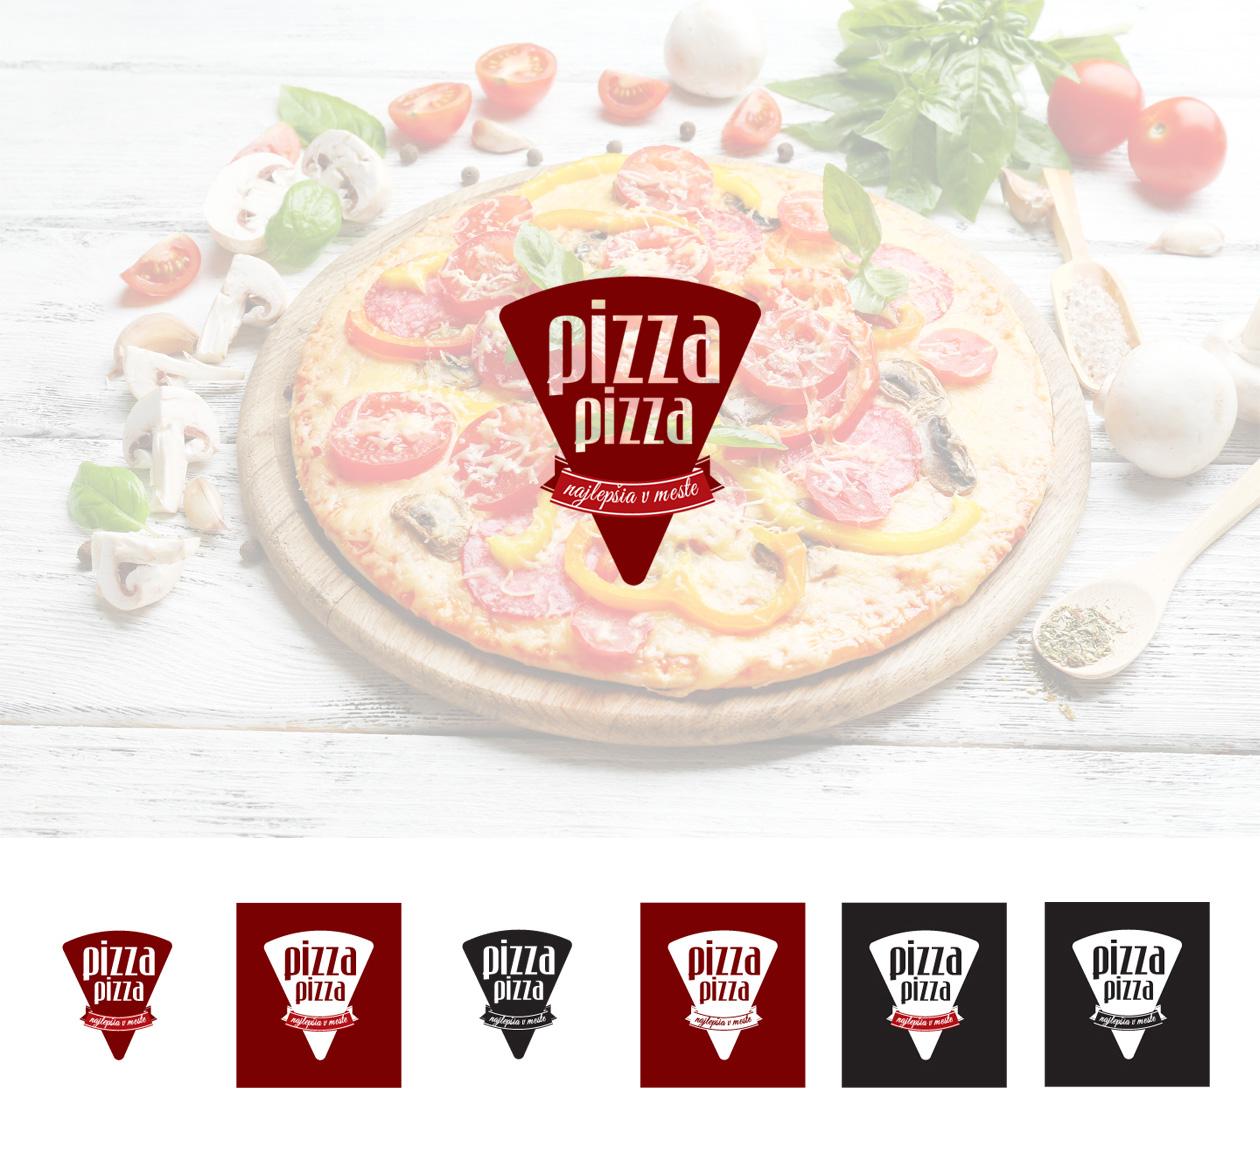 pizzapzza-2